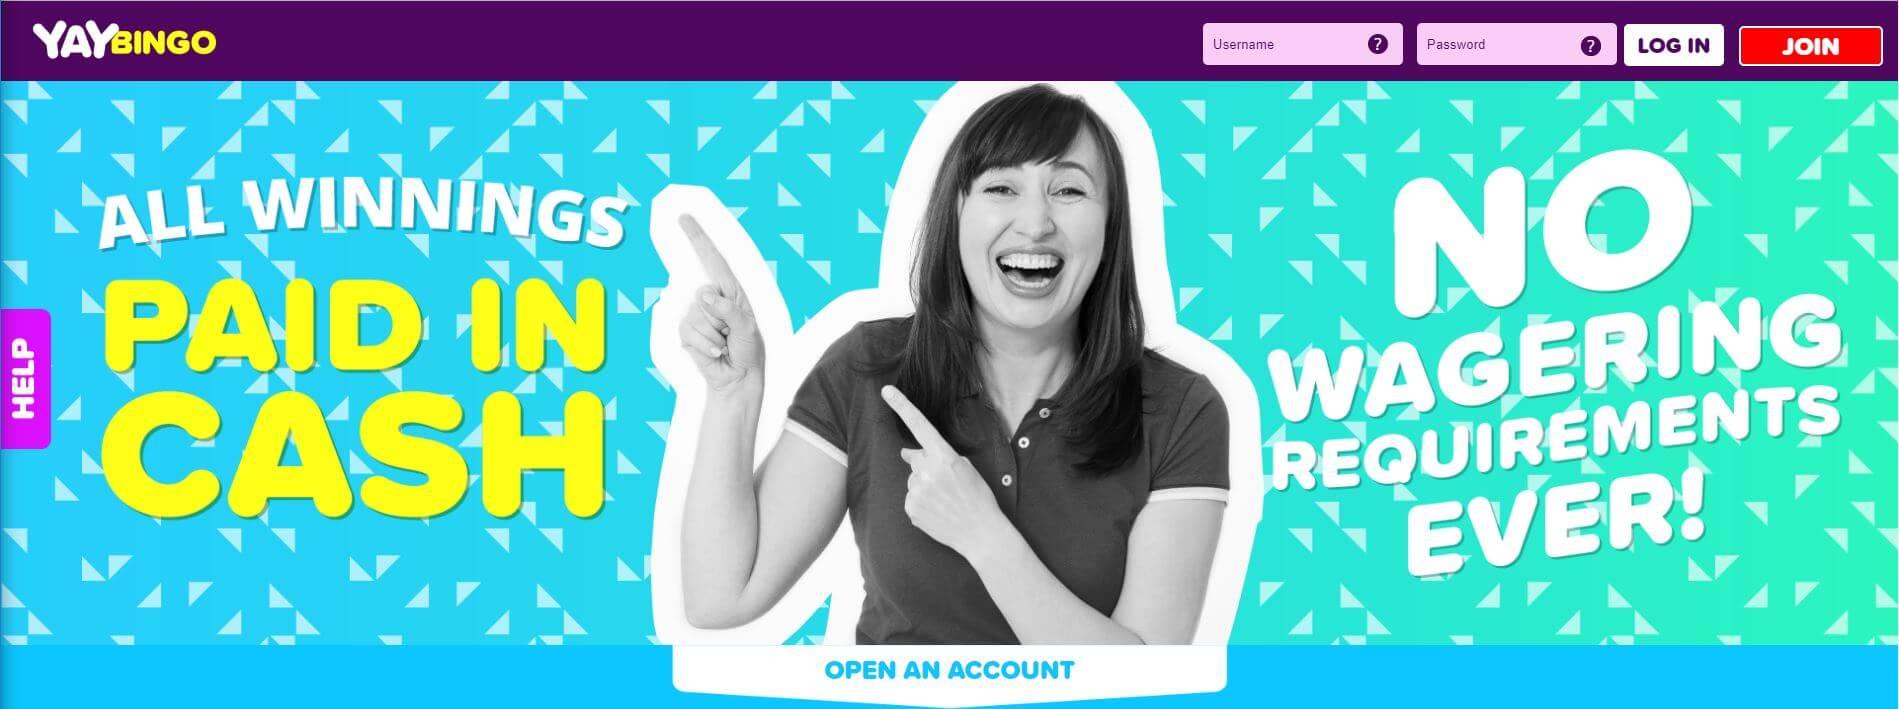 yay bingo homepage